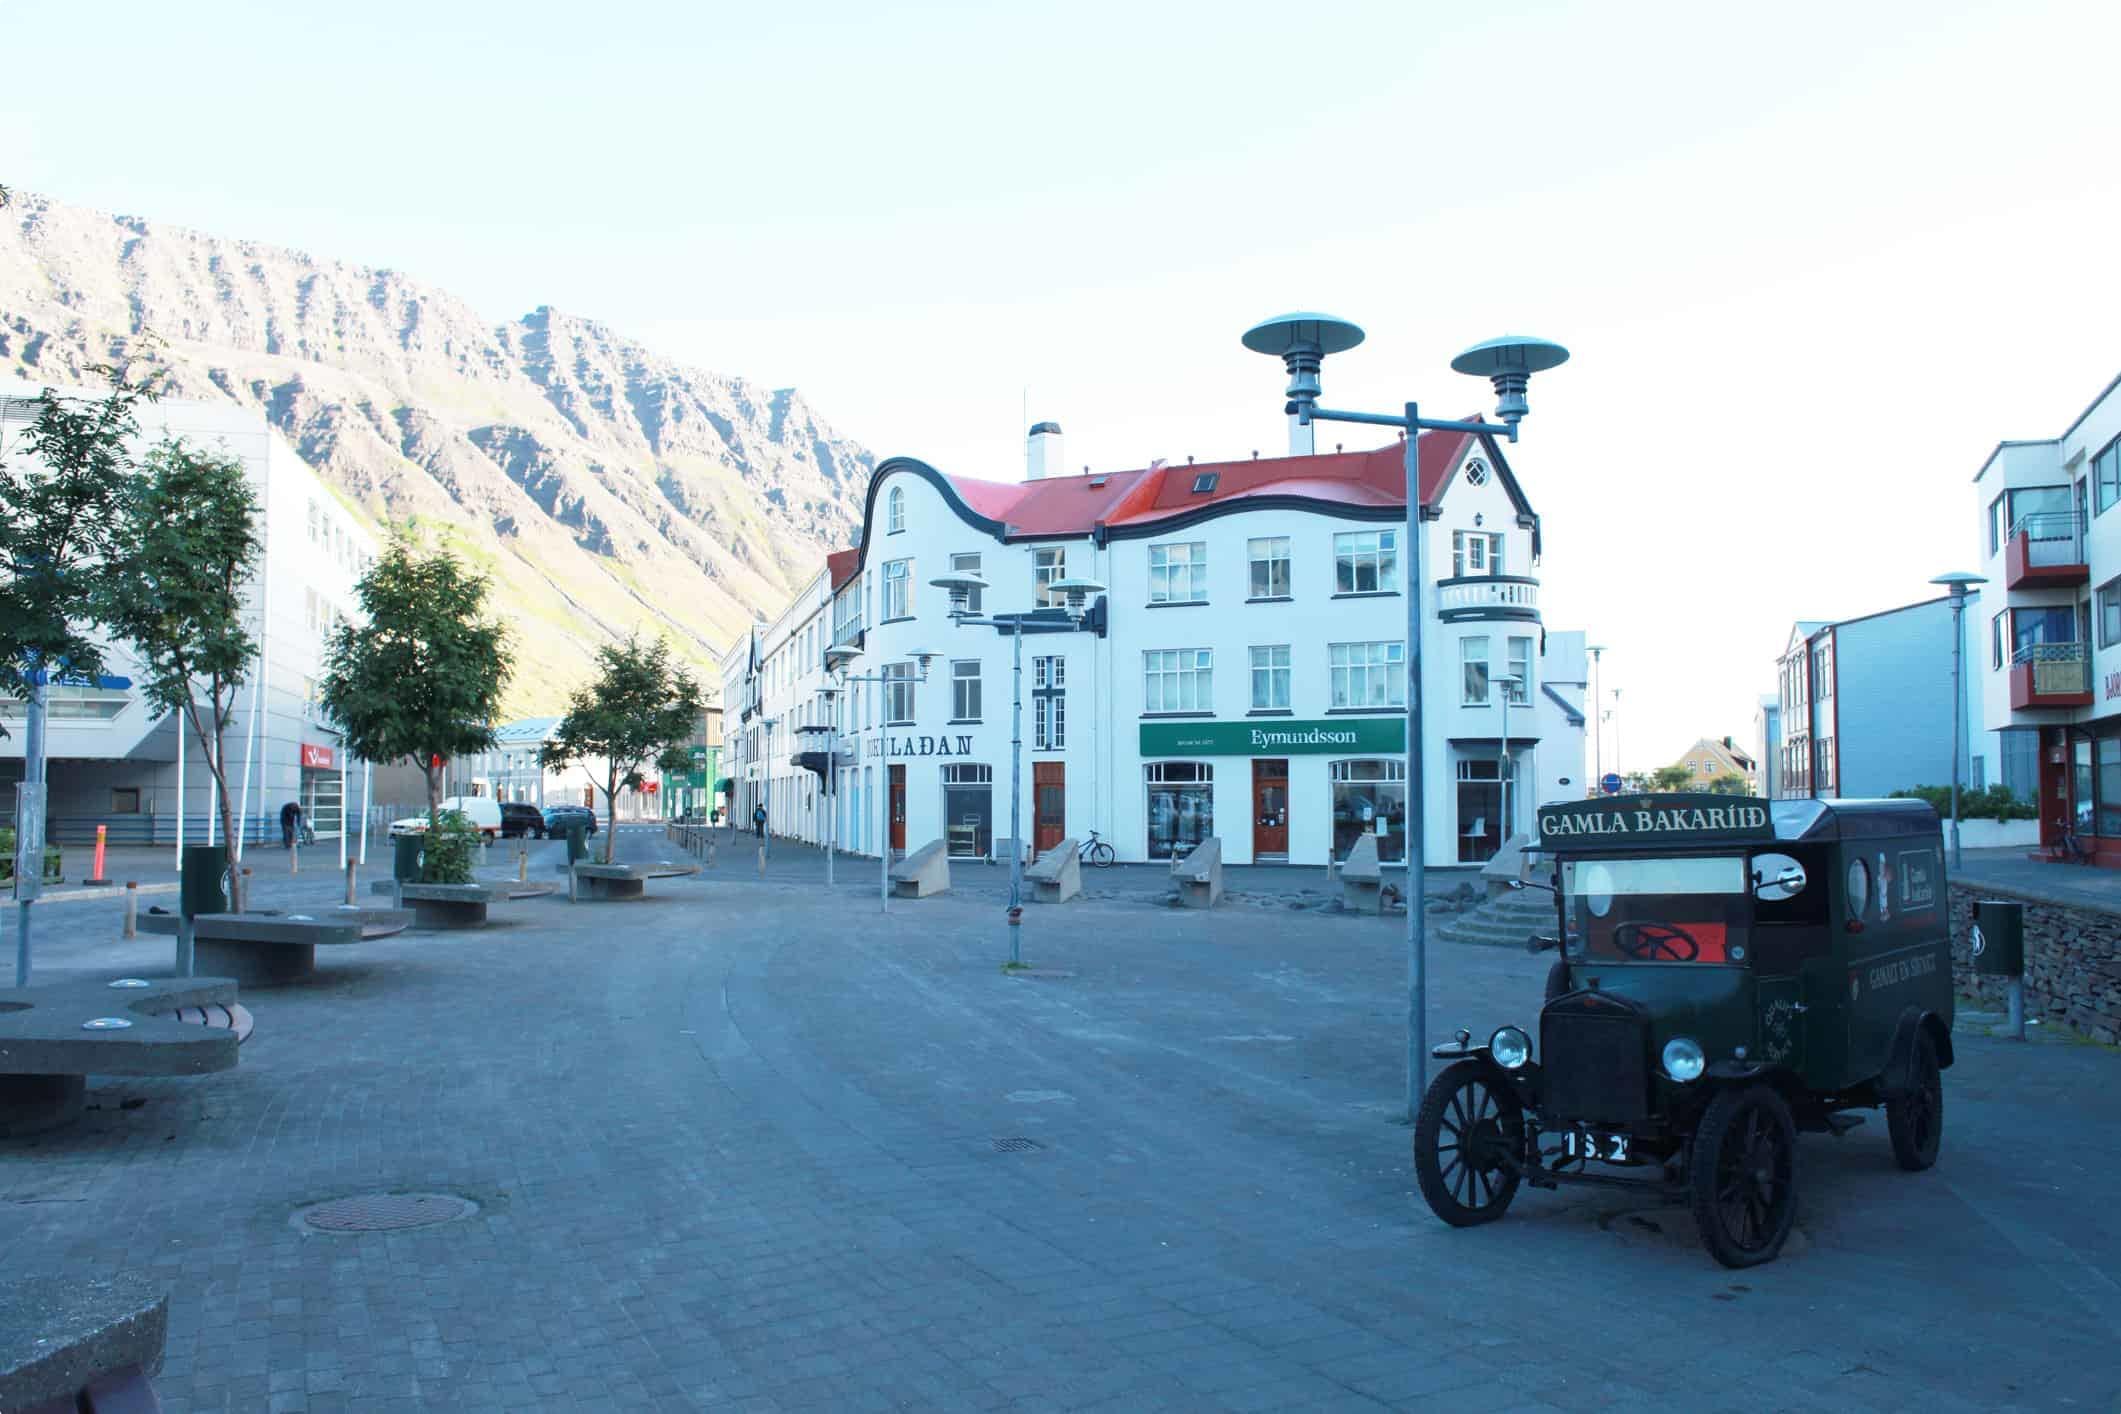 City centre of Isafjordur (Ísafjörður), Iceland